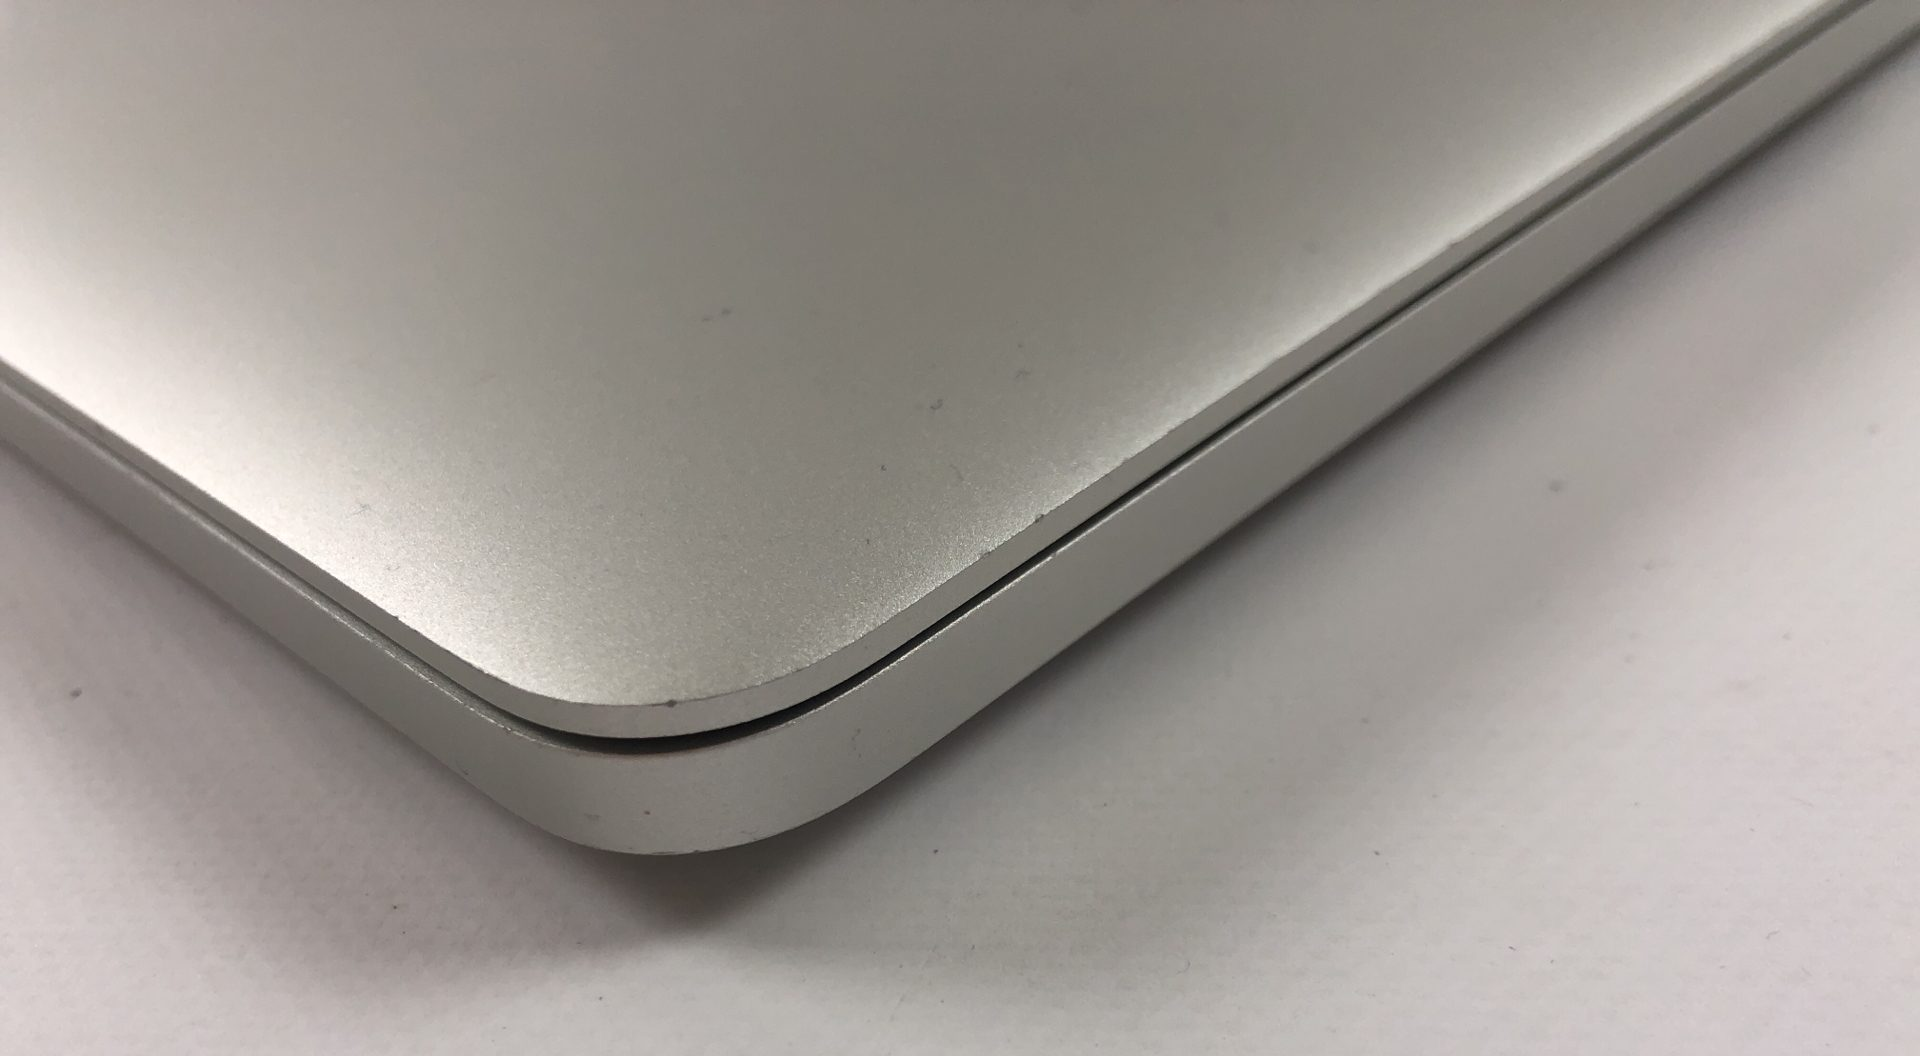 """MacBook Pro Retina 15"""" Mid 2014 (Intel Quad-Core i7 2.5 GHz 16 GB RAM 512 GB SSD), Intel Quad-Core i7 2.5 GHz, 16 GB RAM, 512 GB SSD, imagen 3"""